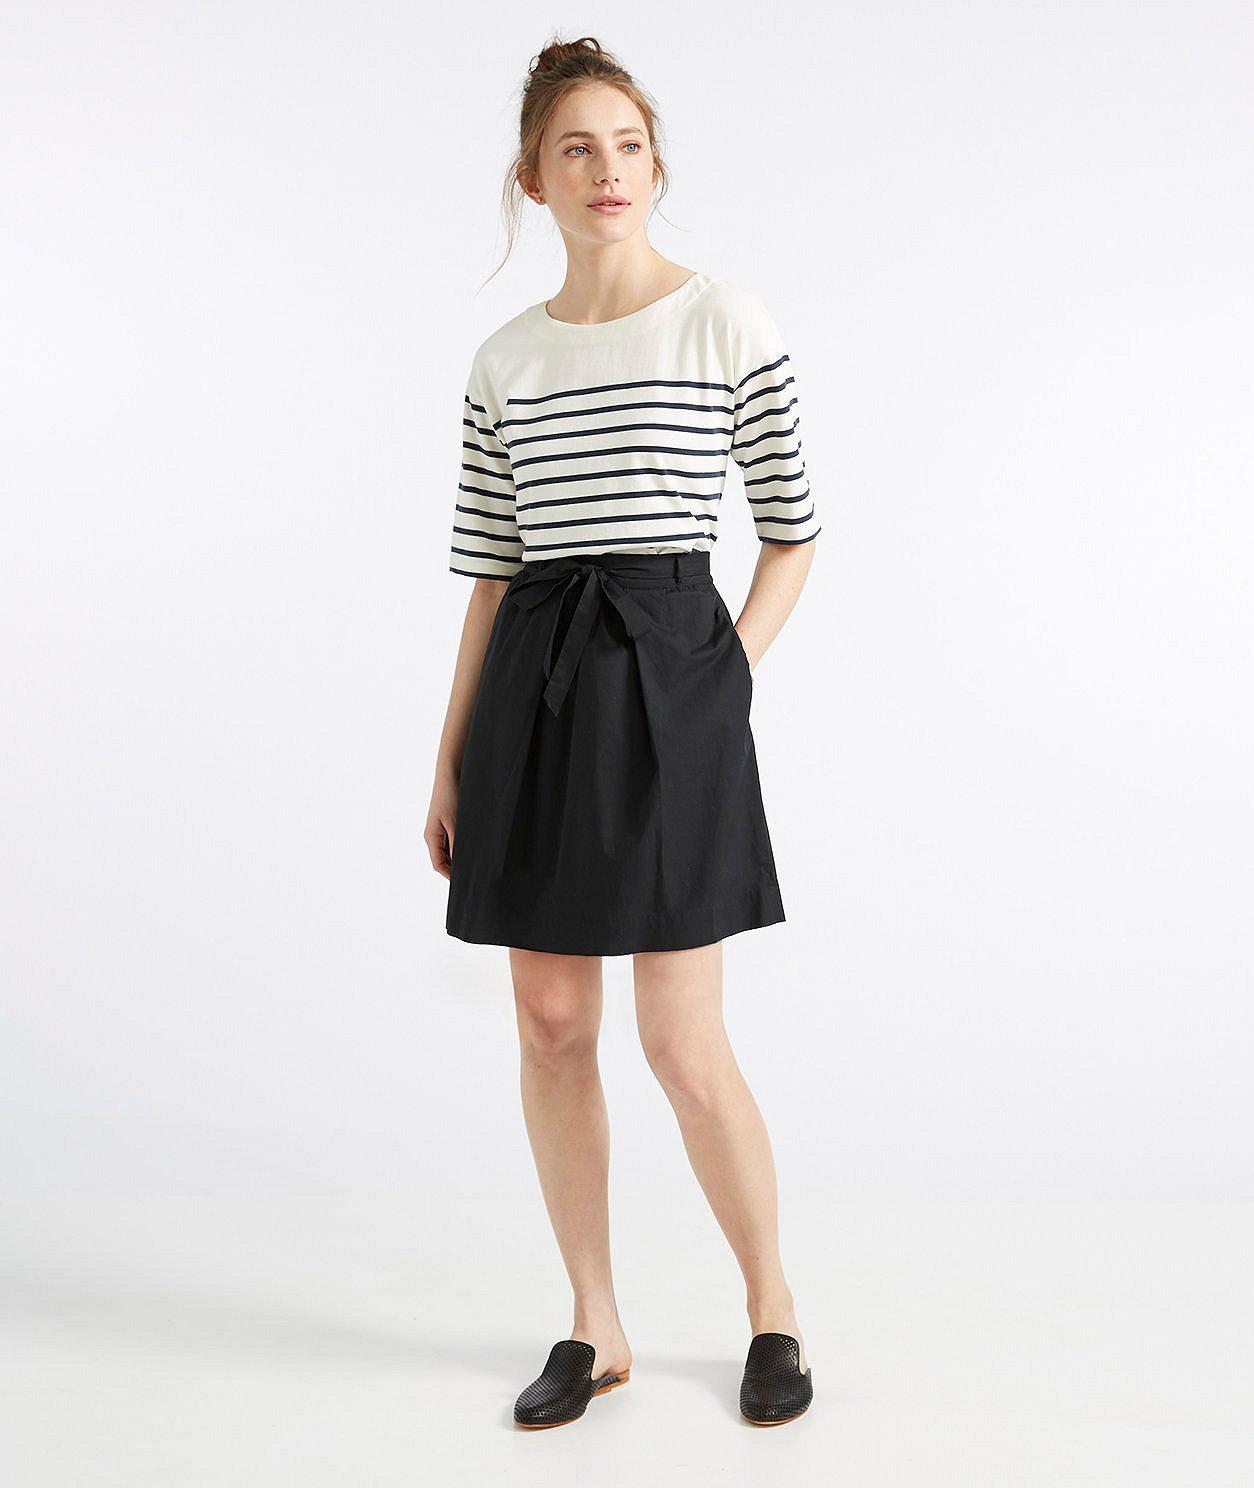 Signature Poplin Skirt by L.L.Bean